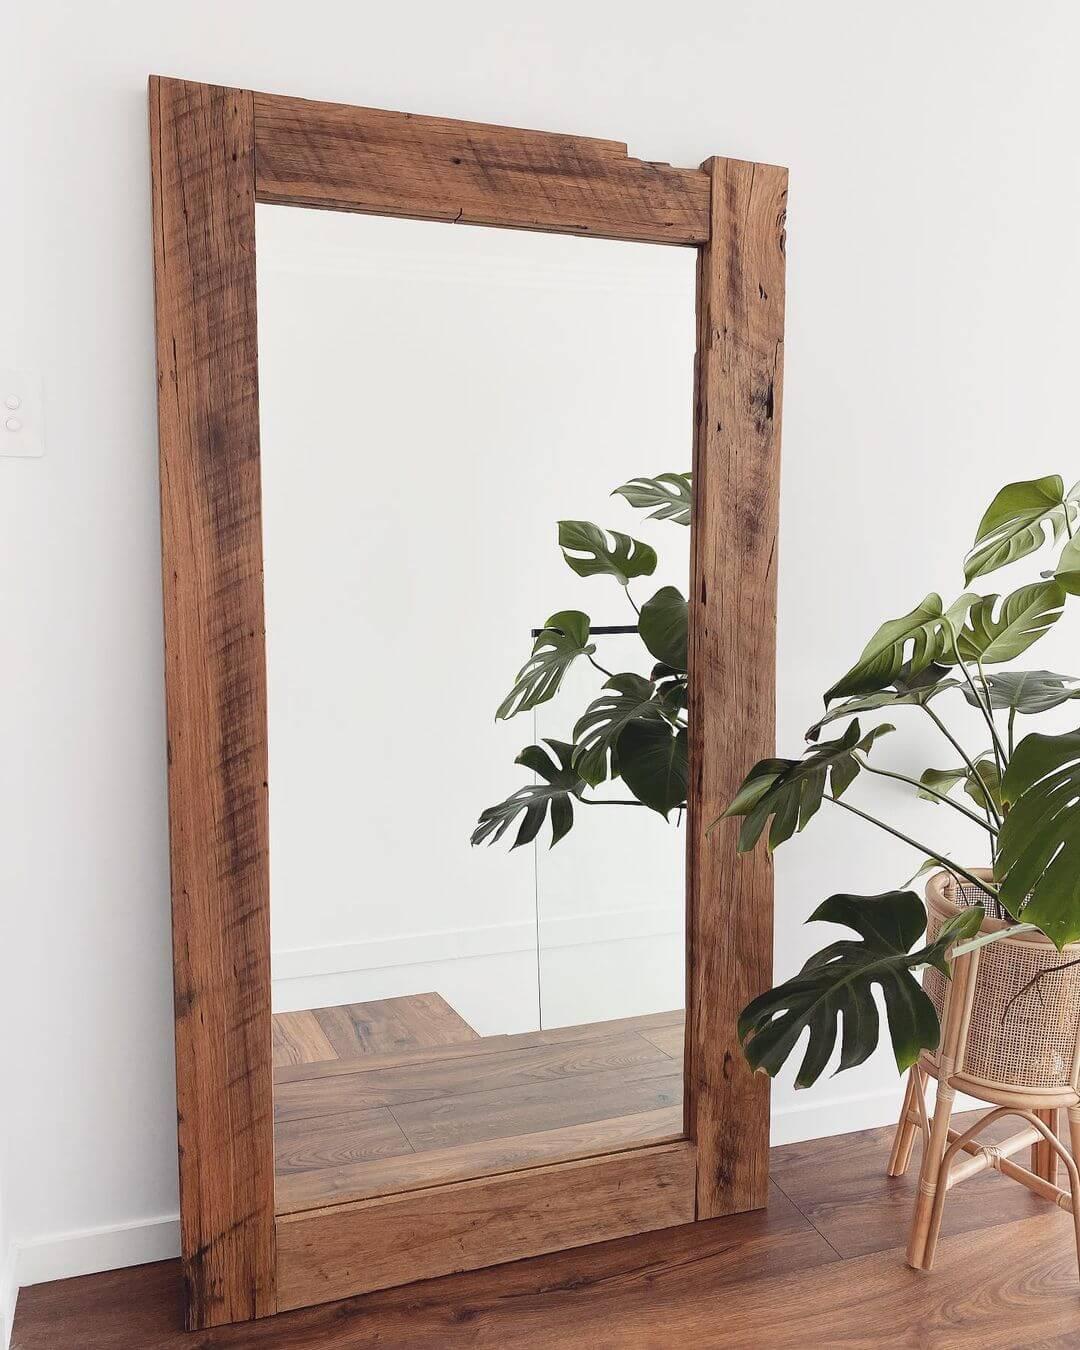 DIY Wooden Mirror Frame